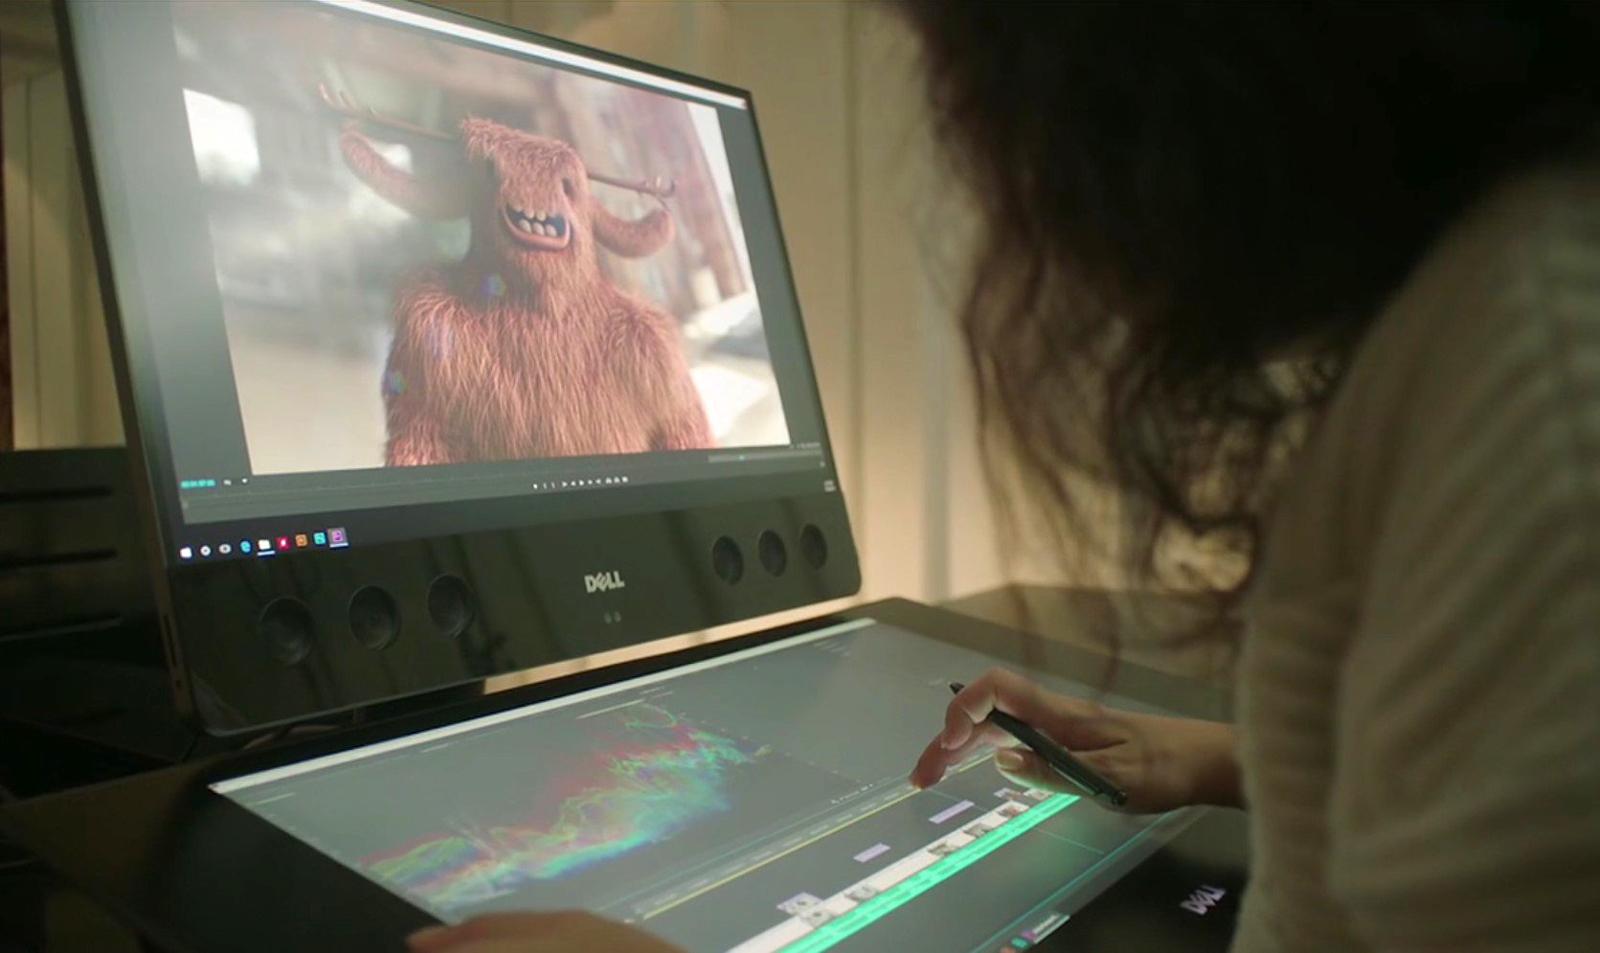 دل رقیب سرفیس استودیو را در CES 2017 معرفی می کند